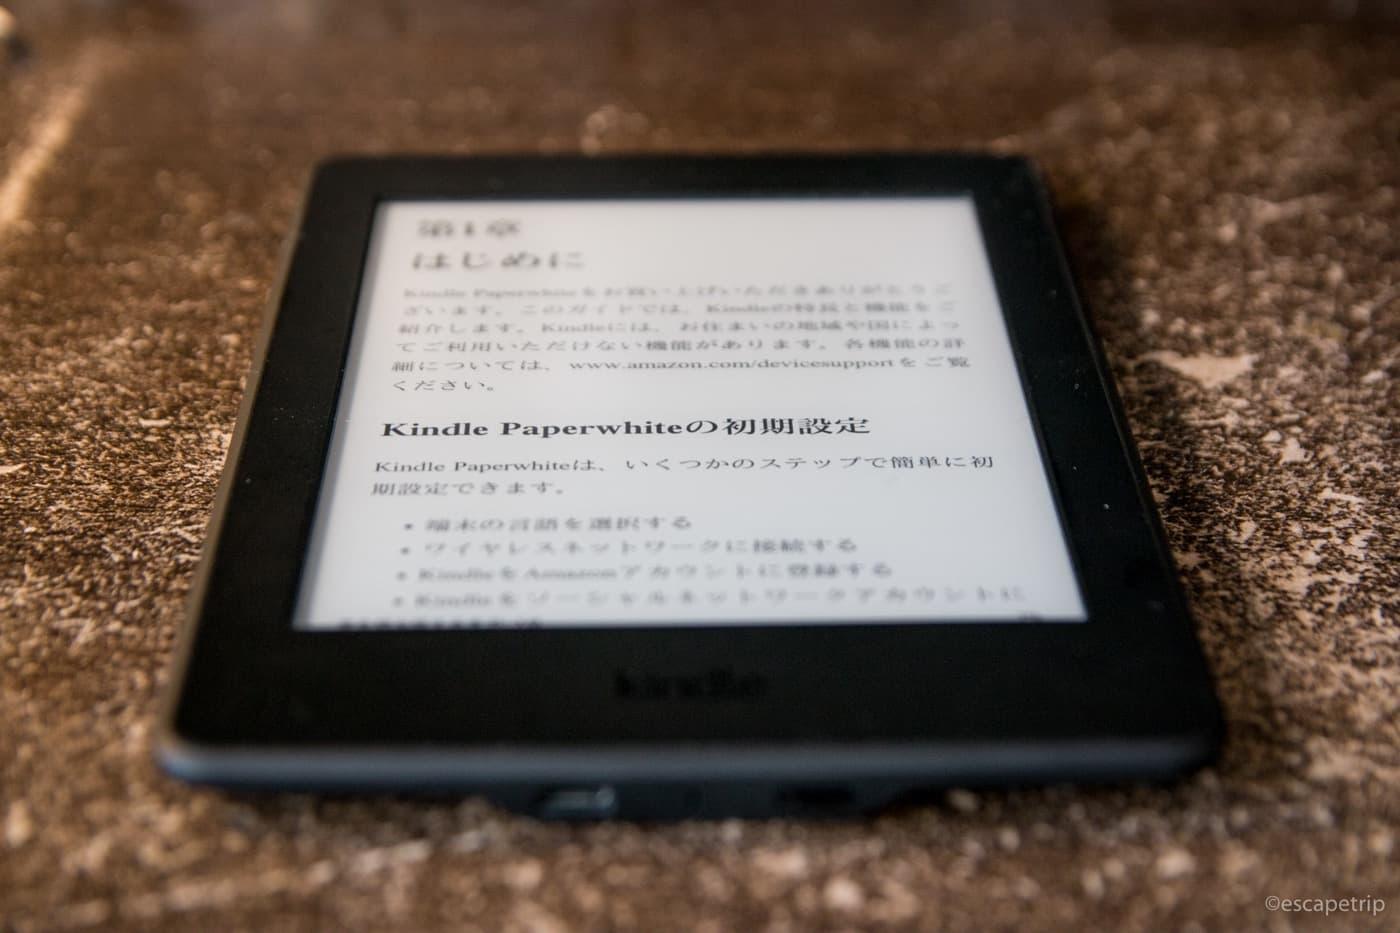 Kindleペーパーホワイトのディスプレイ